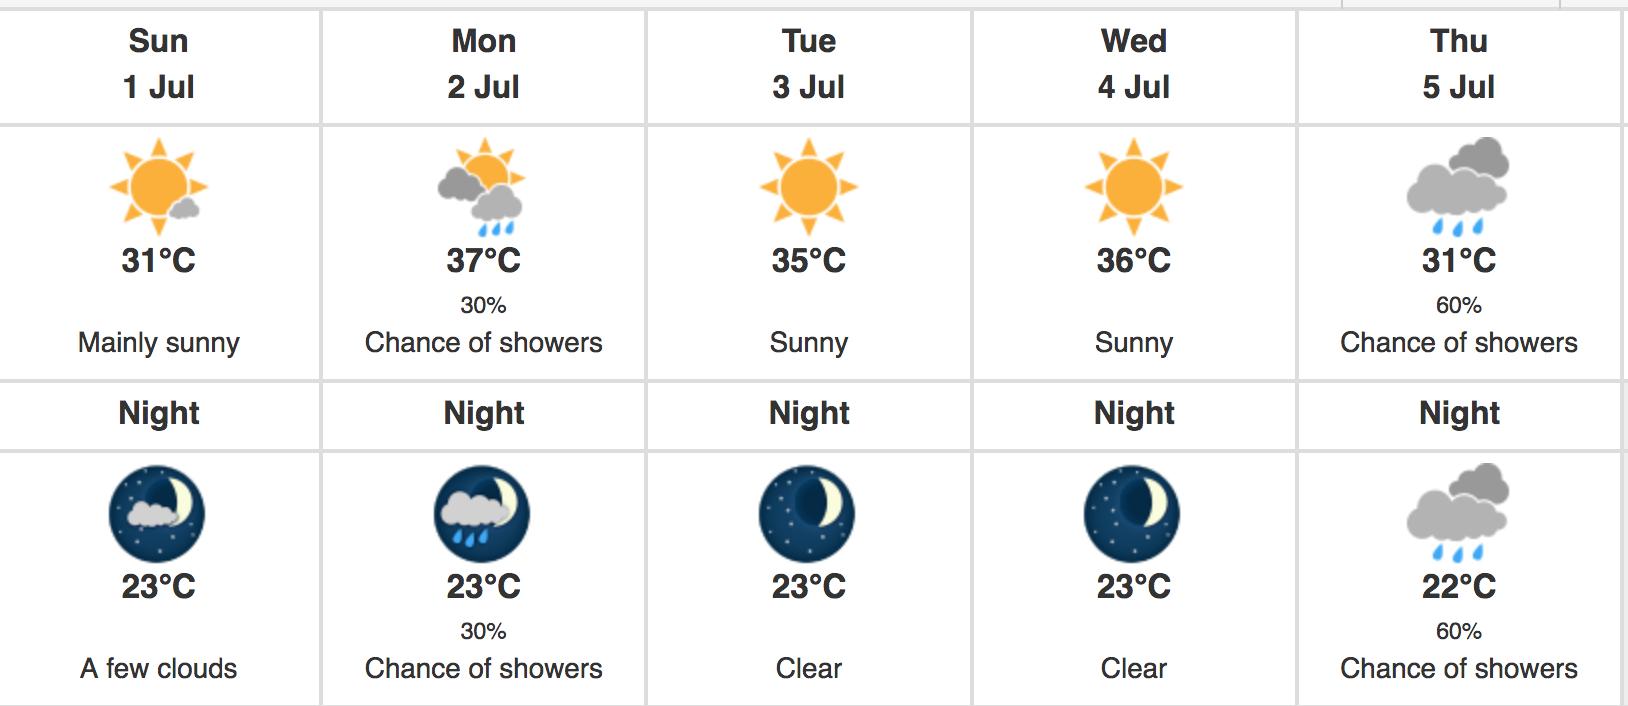 жара в монреале в июле